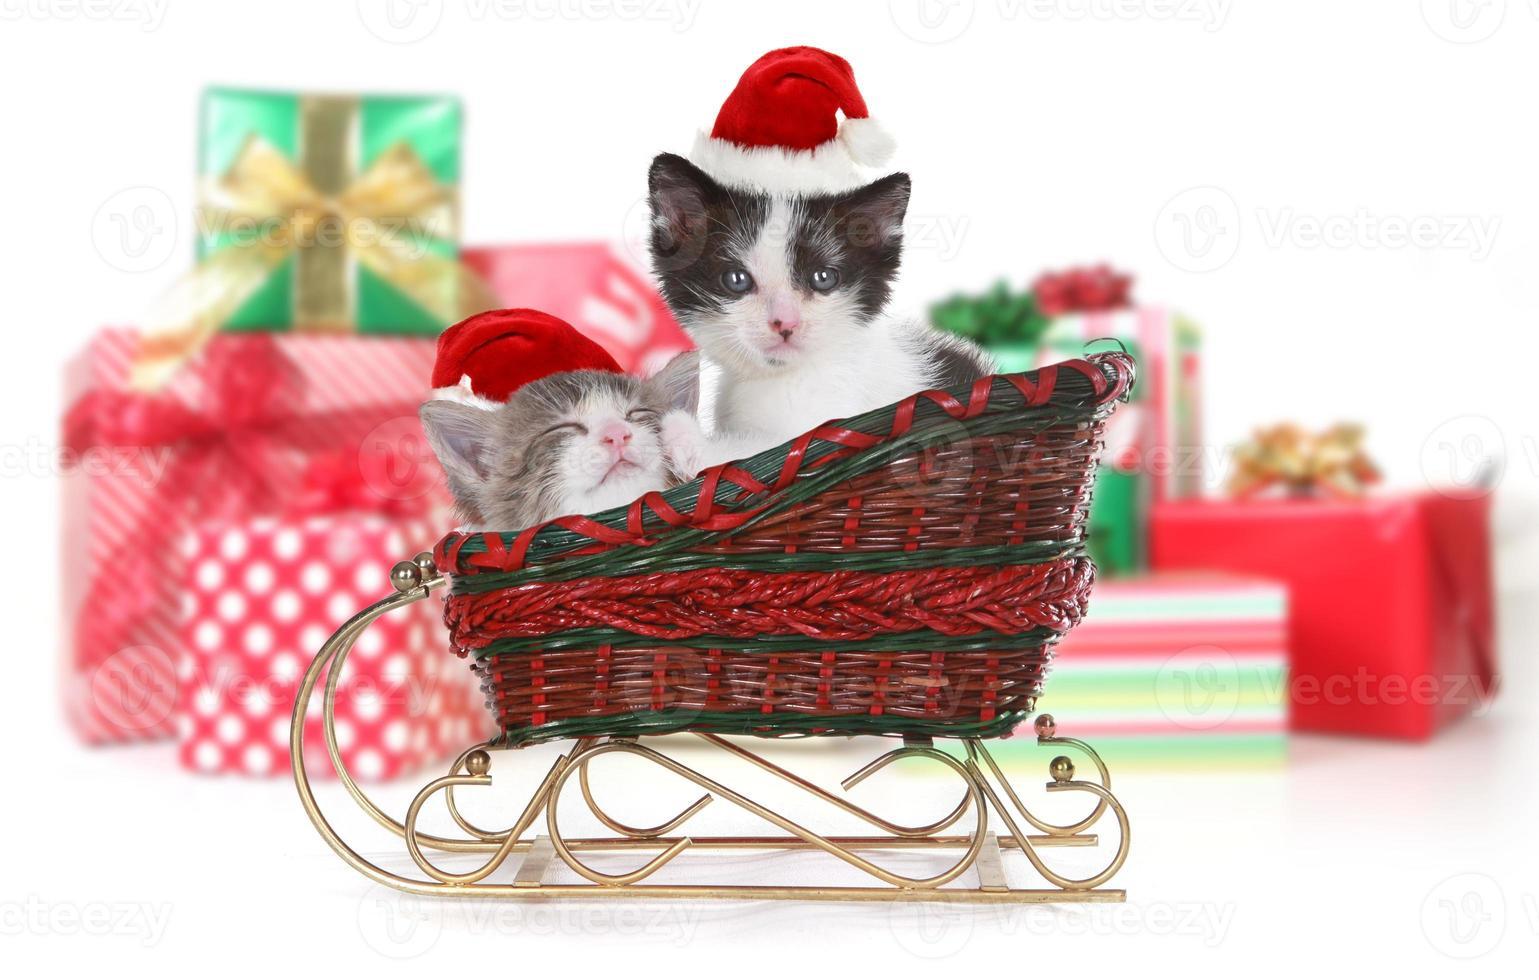 adorables gatitos rodeados de regalos de navidad en trineo foto